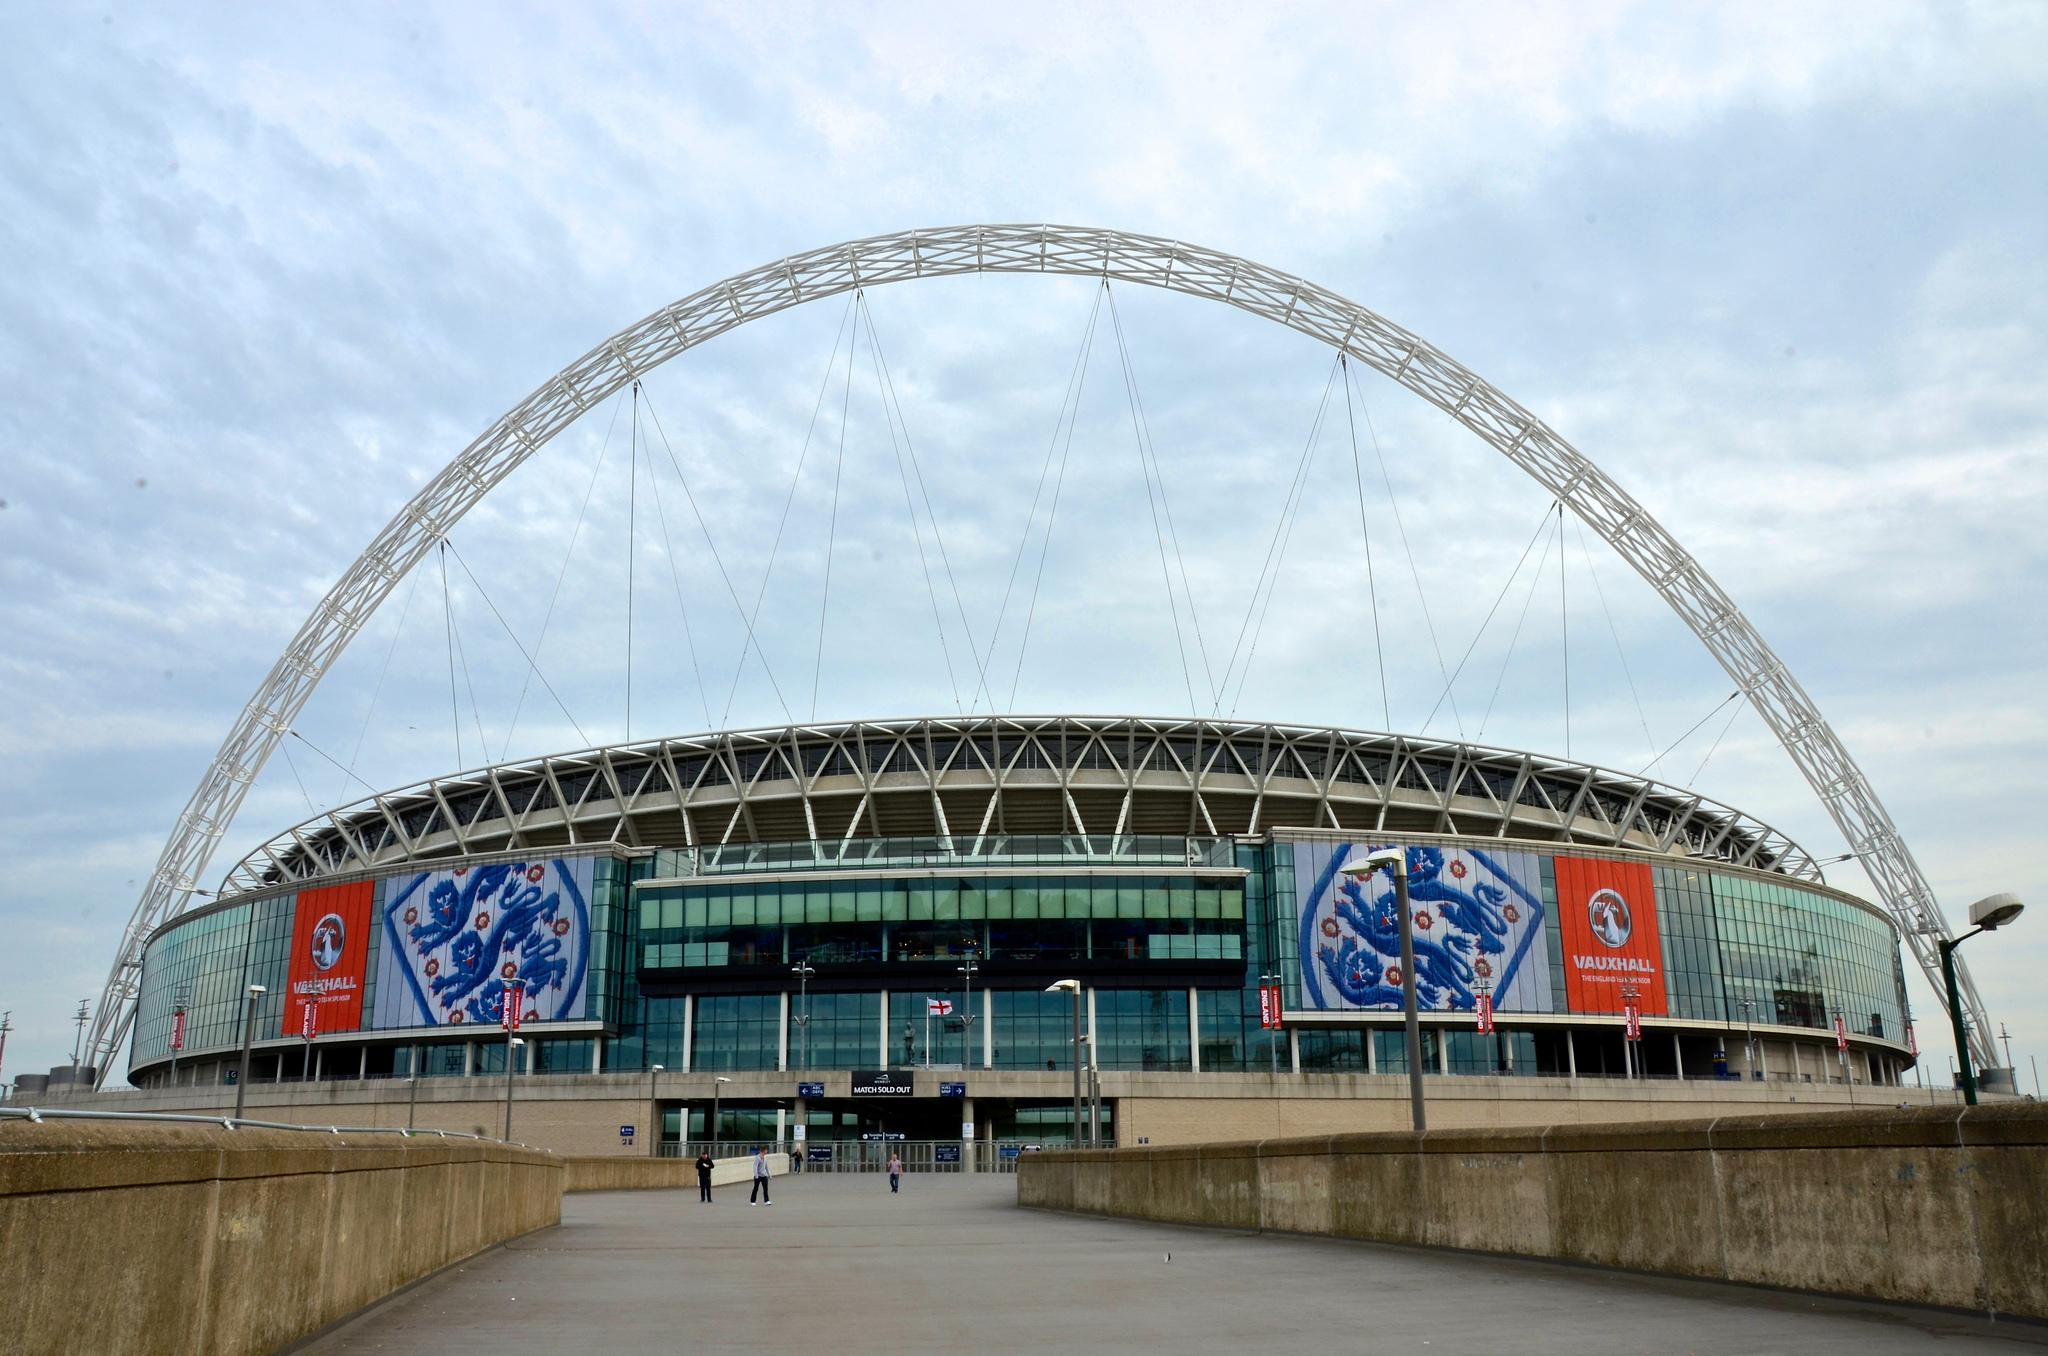 Вход на Стадион Уэмбли, Лондон